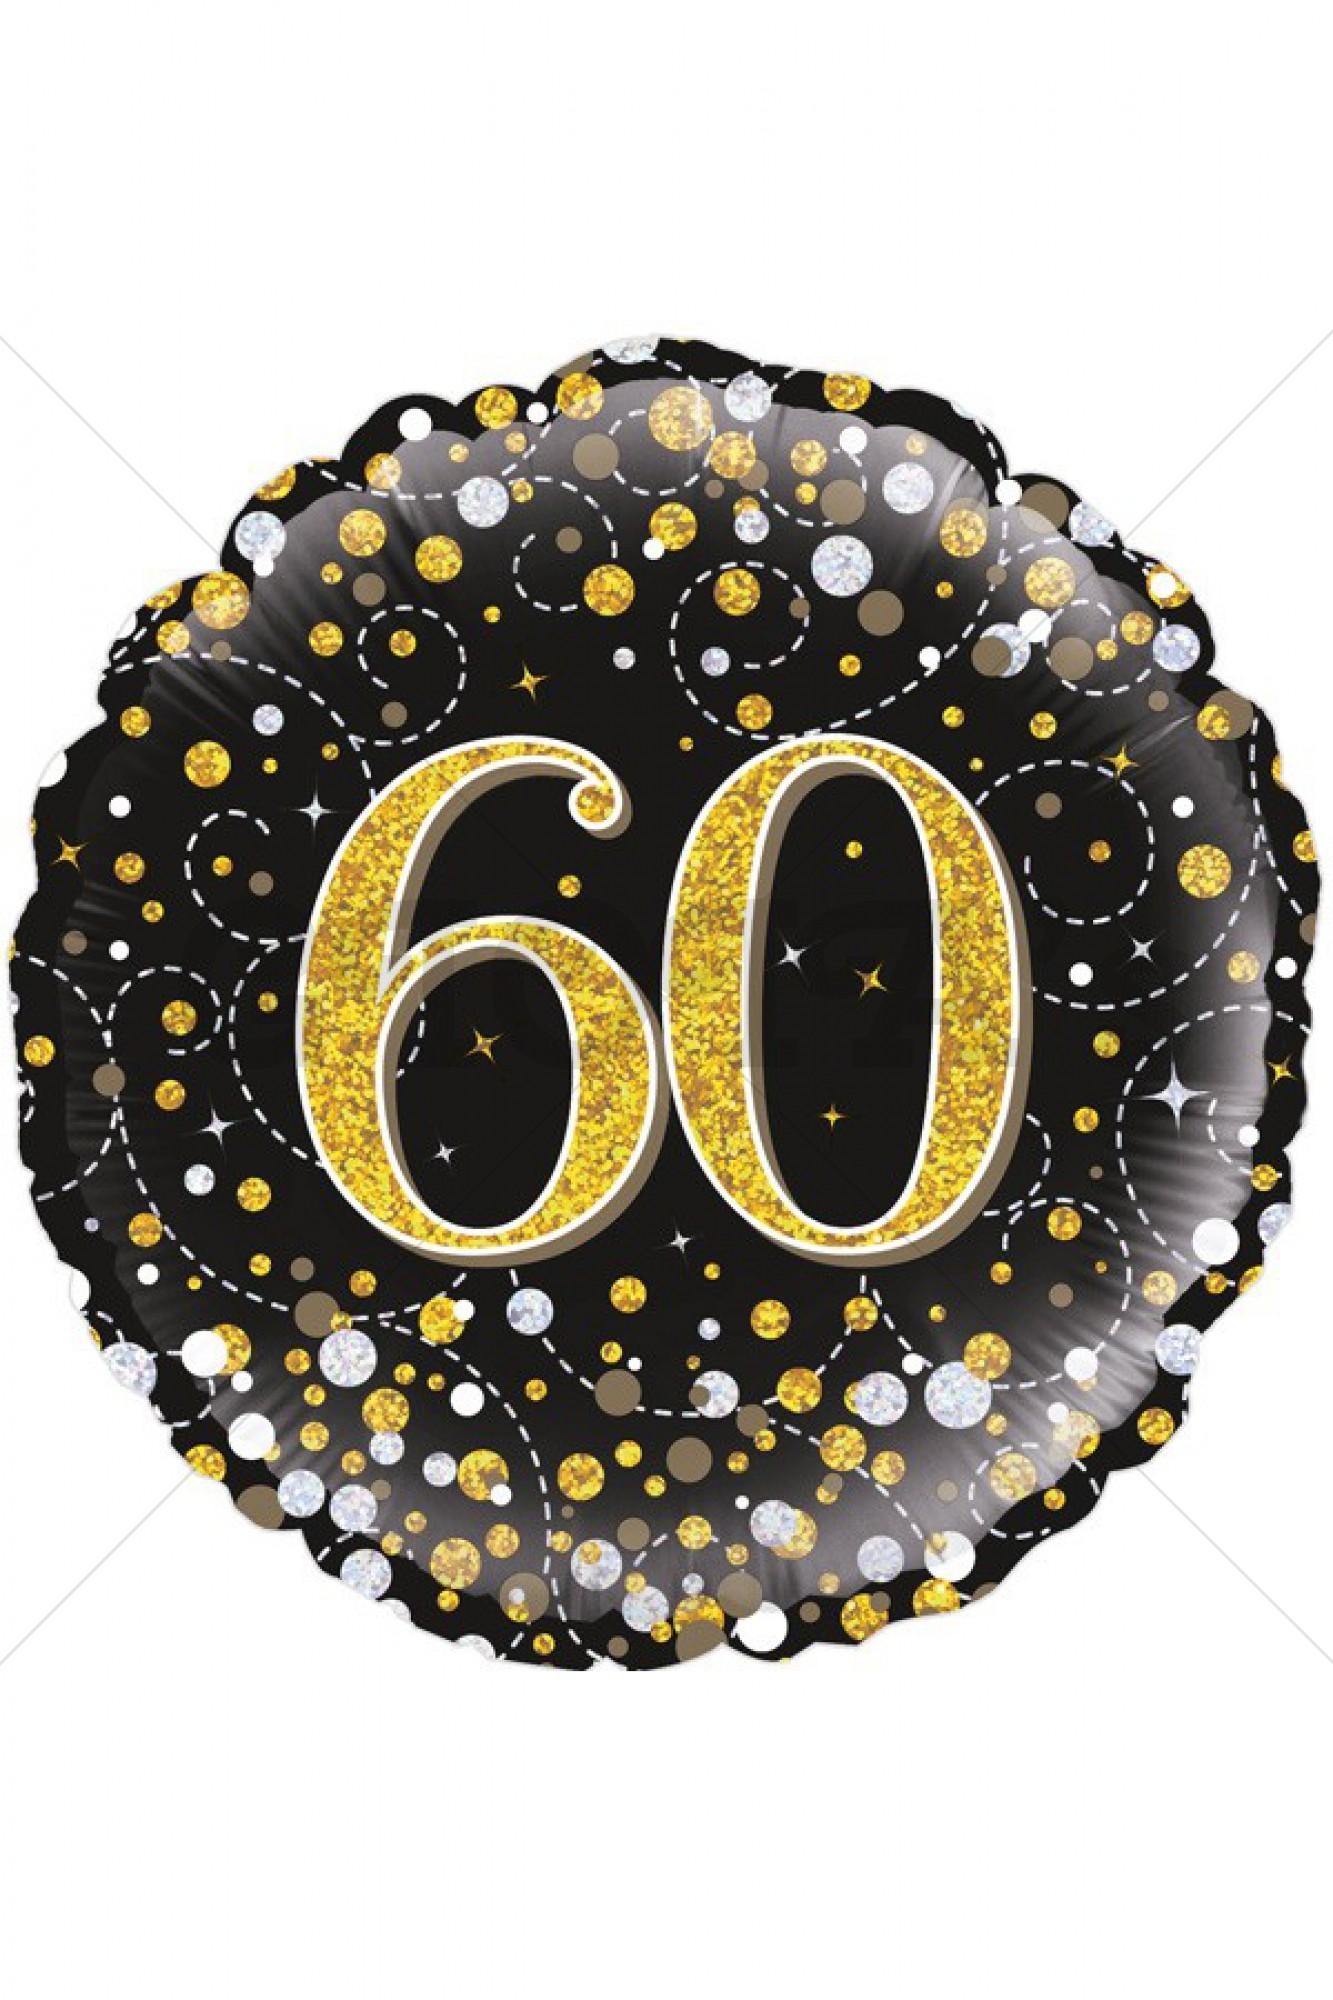 Folie ballon 60 jaar zwart/goud/zilver holografisch 18 inch per 1